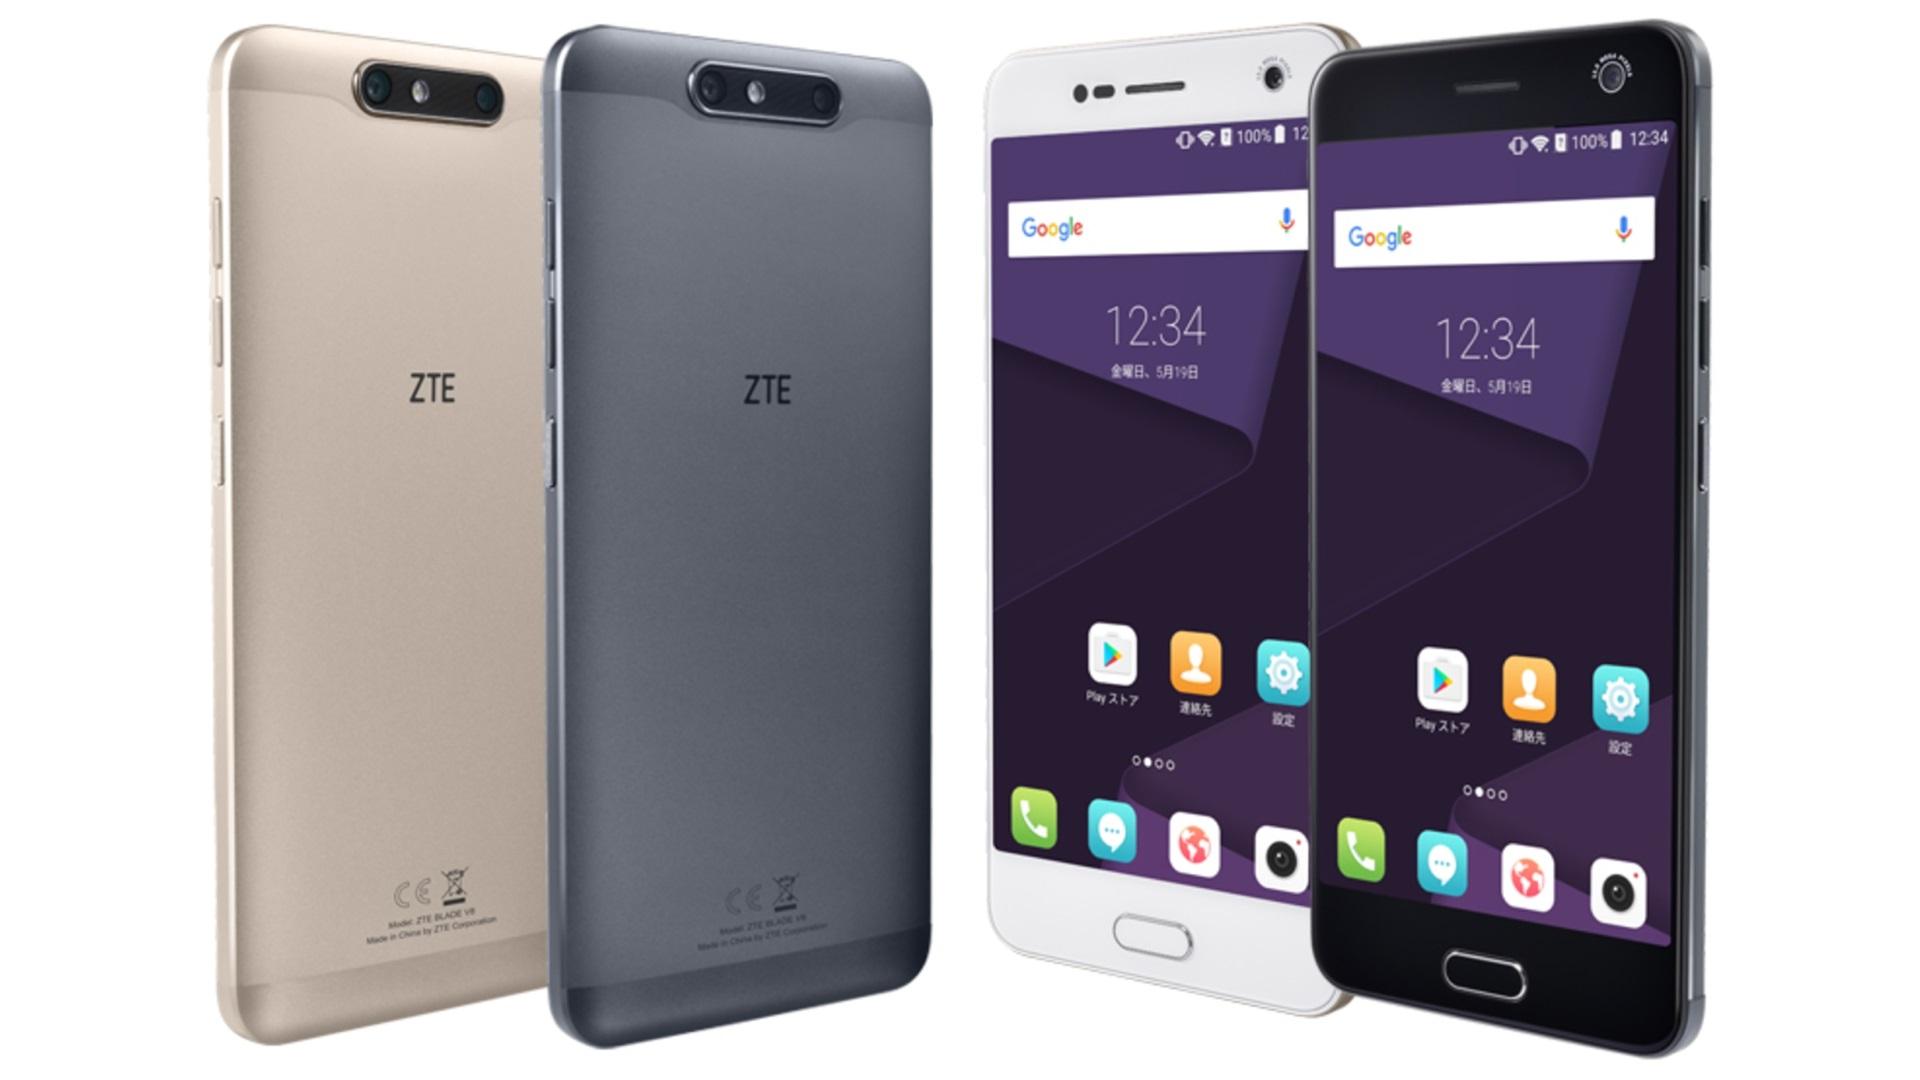 デュアルカメラ搭載「ZTE BLADE V8」が5月25日に発売、Android 7.0搭載のミッドレンジモデル